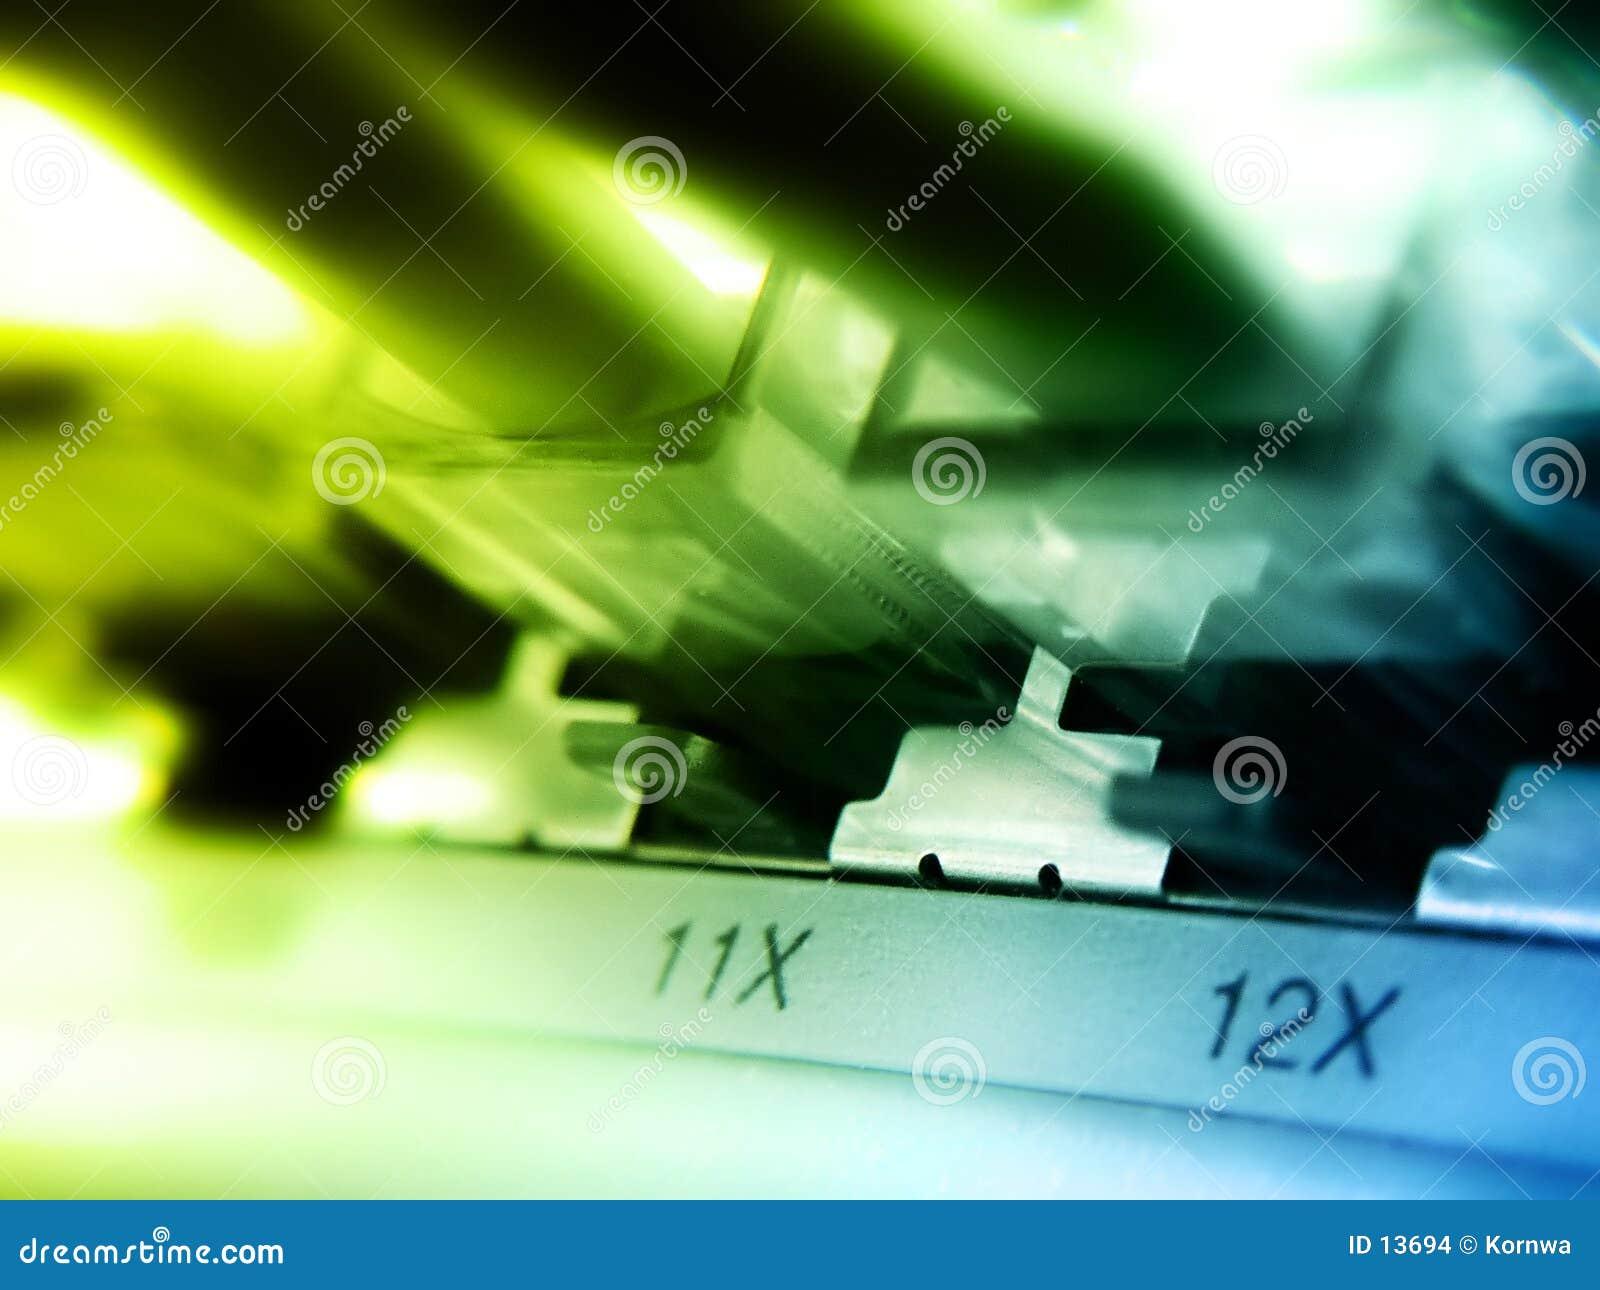 12x δικτύωση